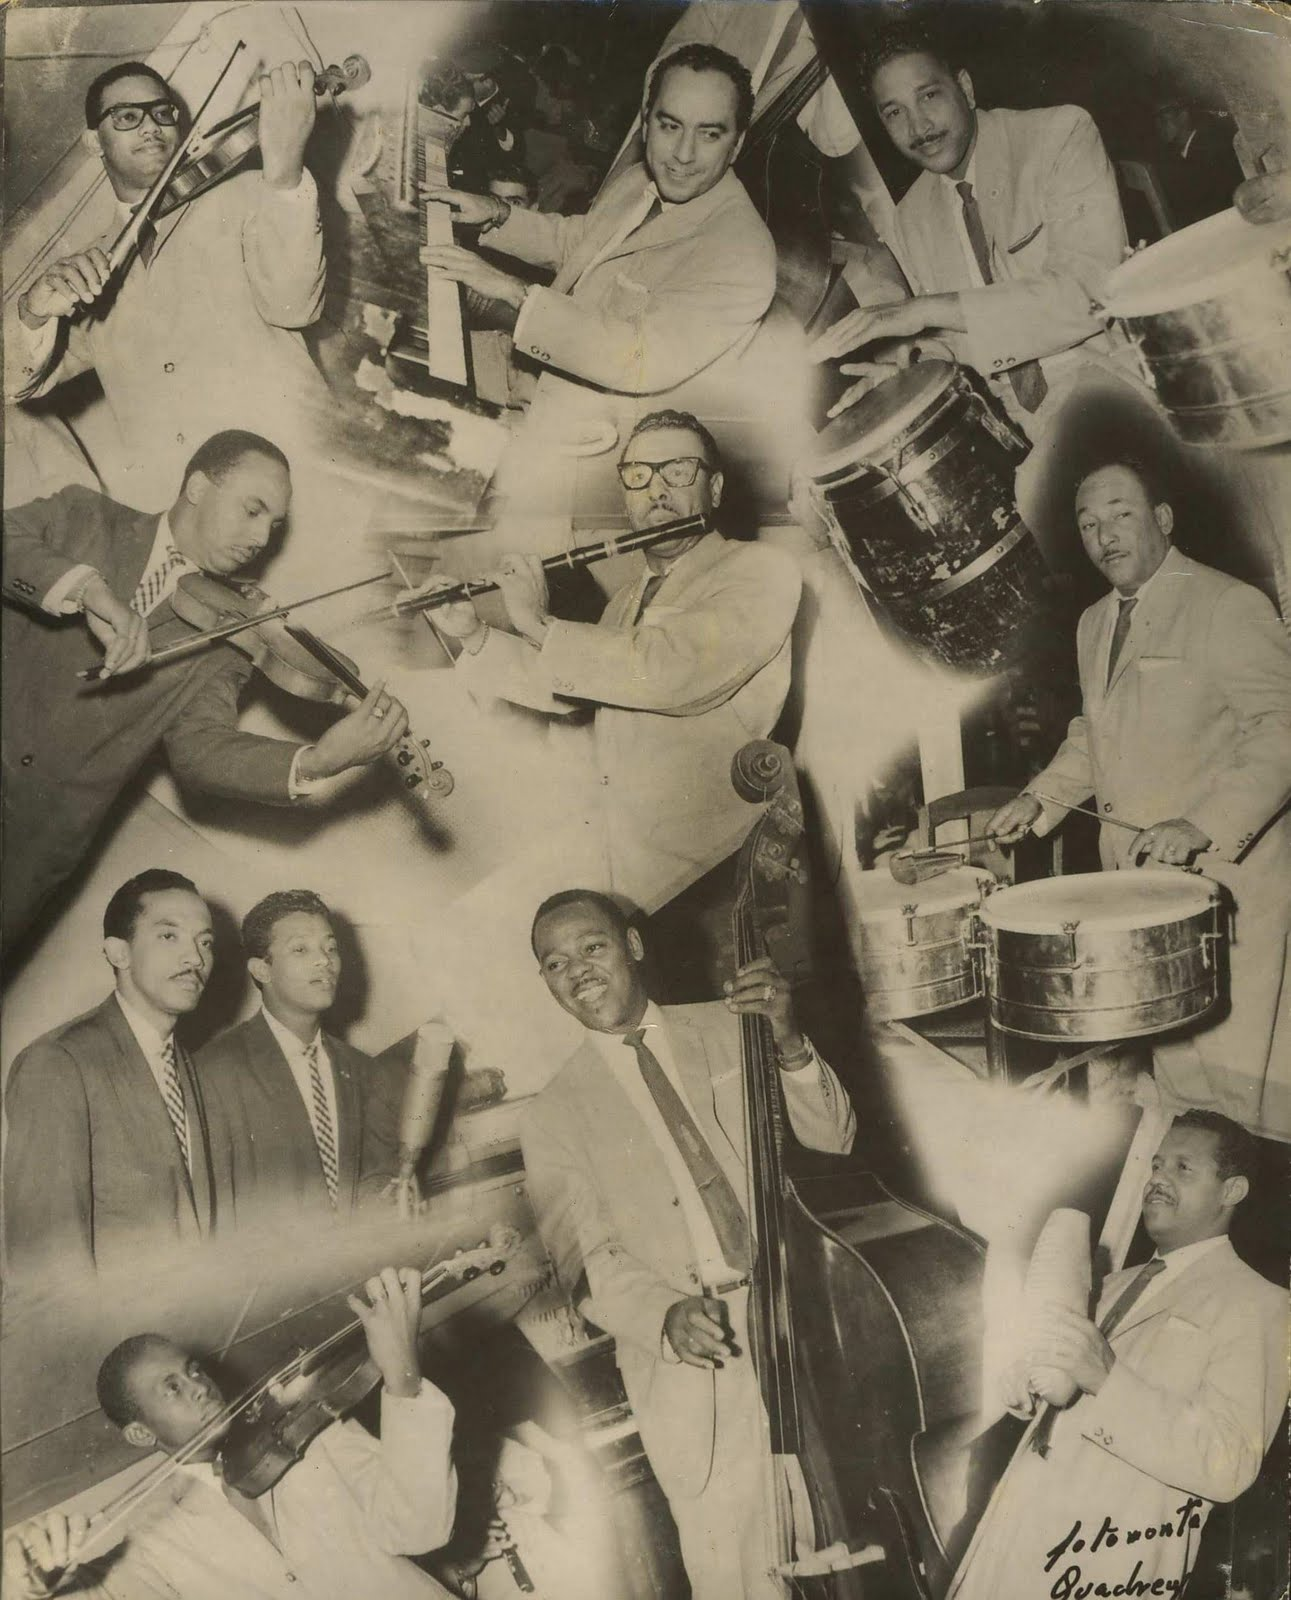 musica la-aragon-19611